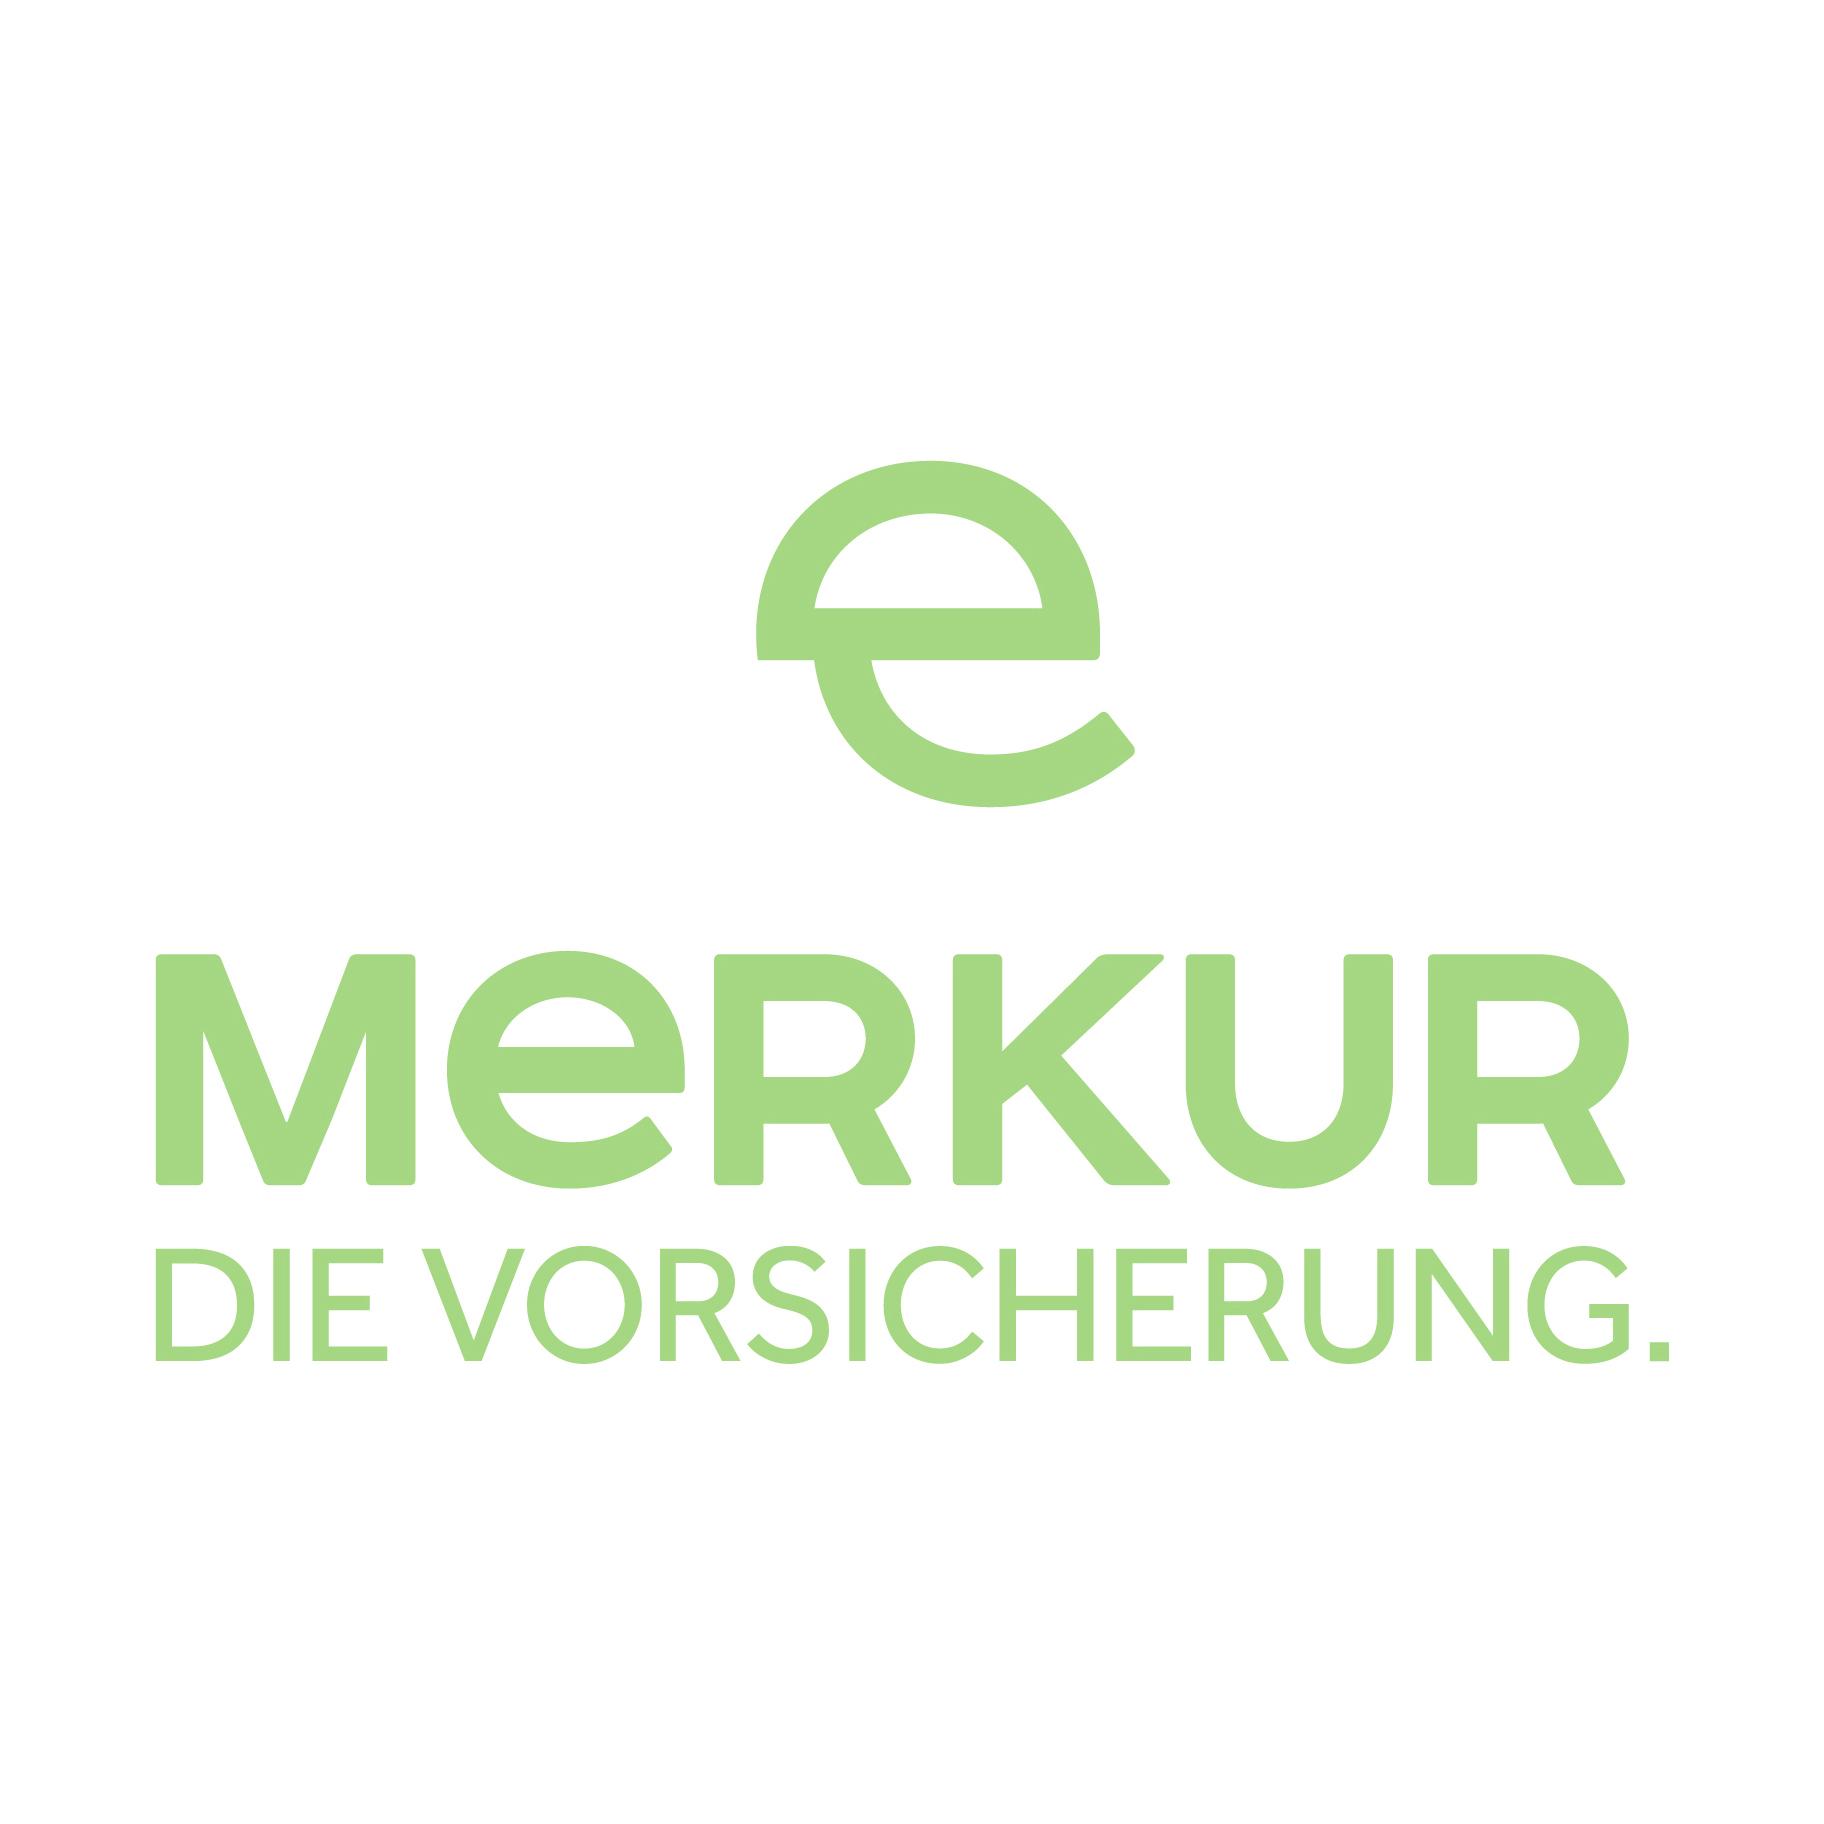 MerkurLogo_Vorsicherung_Schirm_zentriert_RGB.jpg